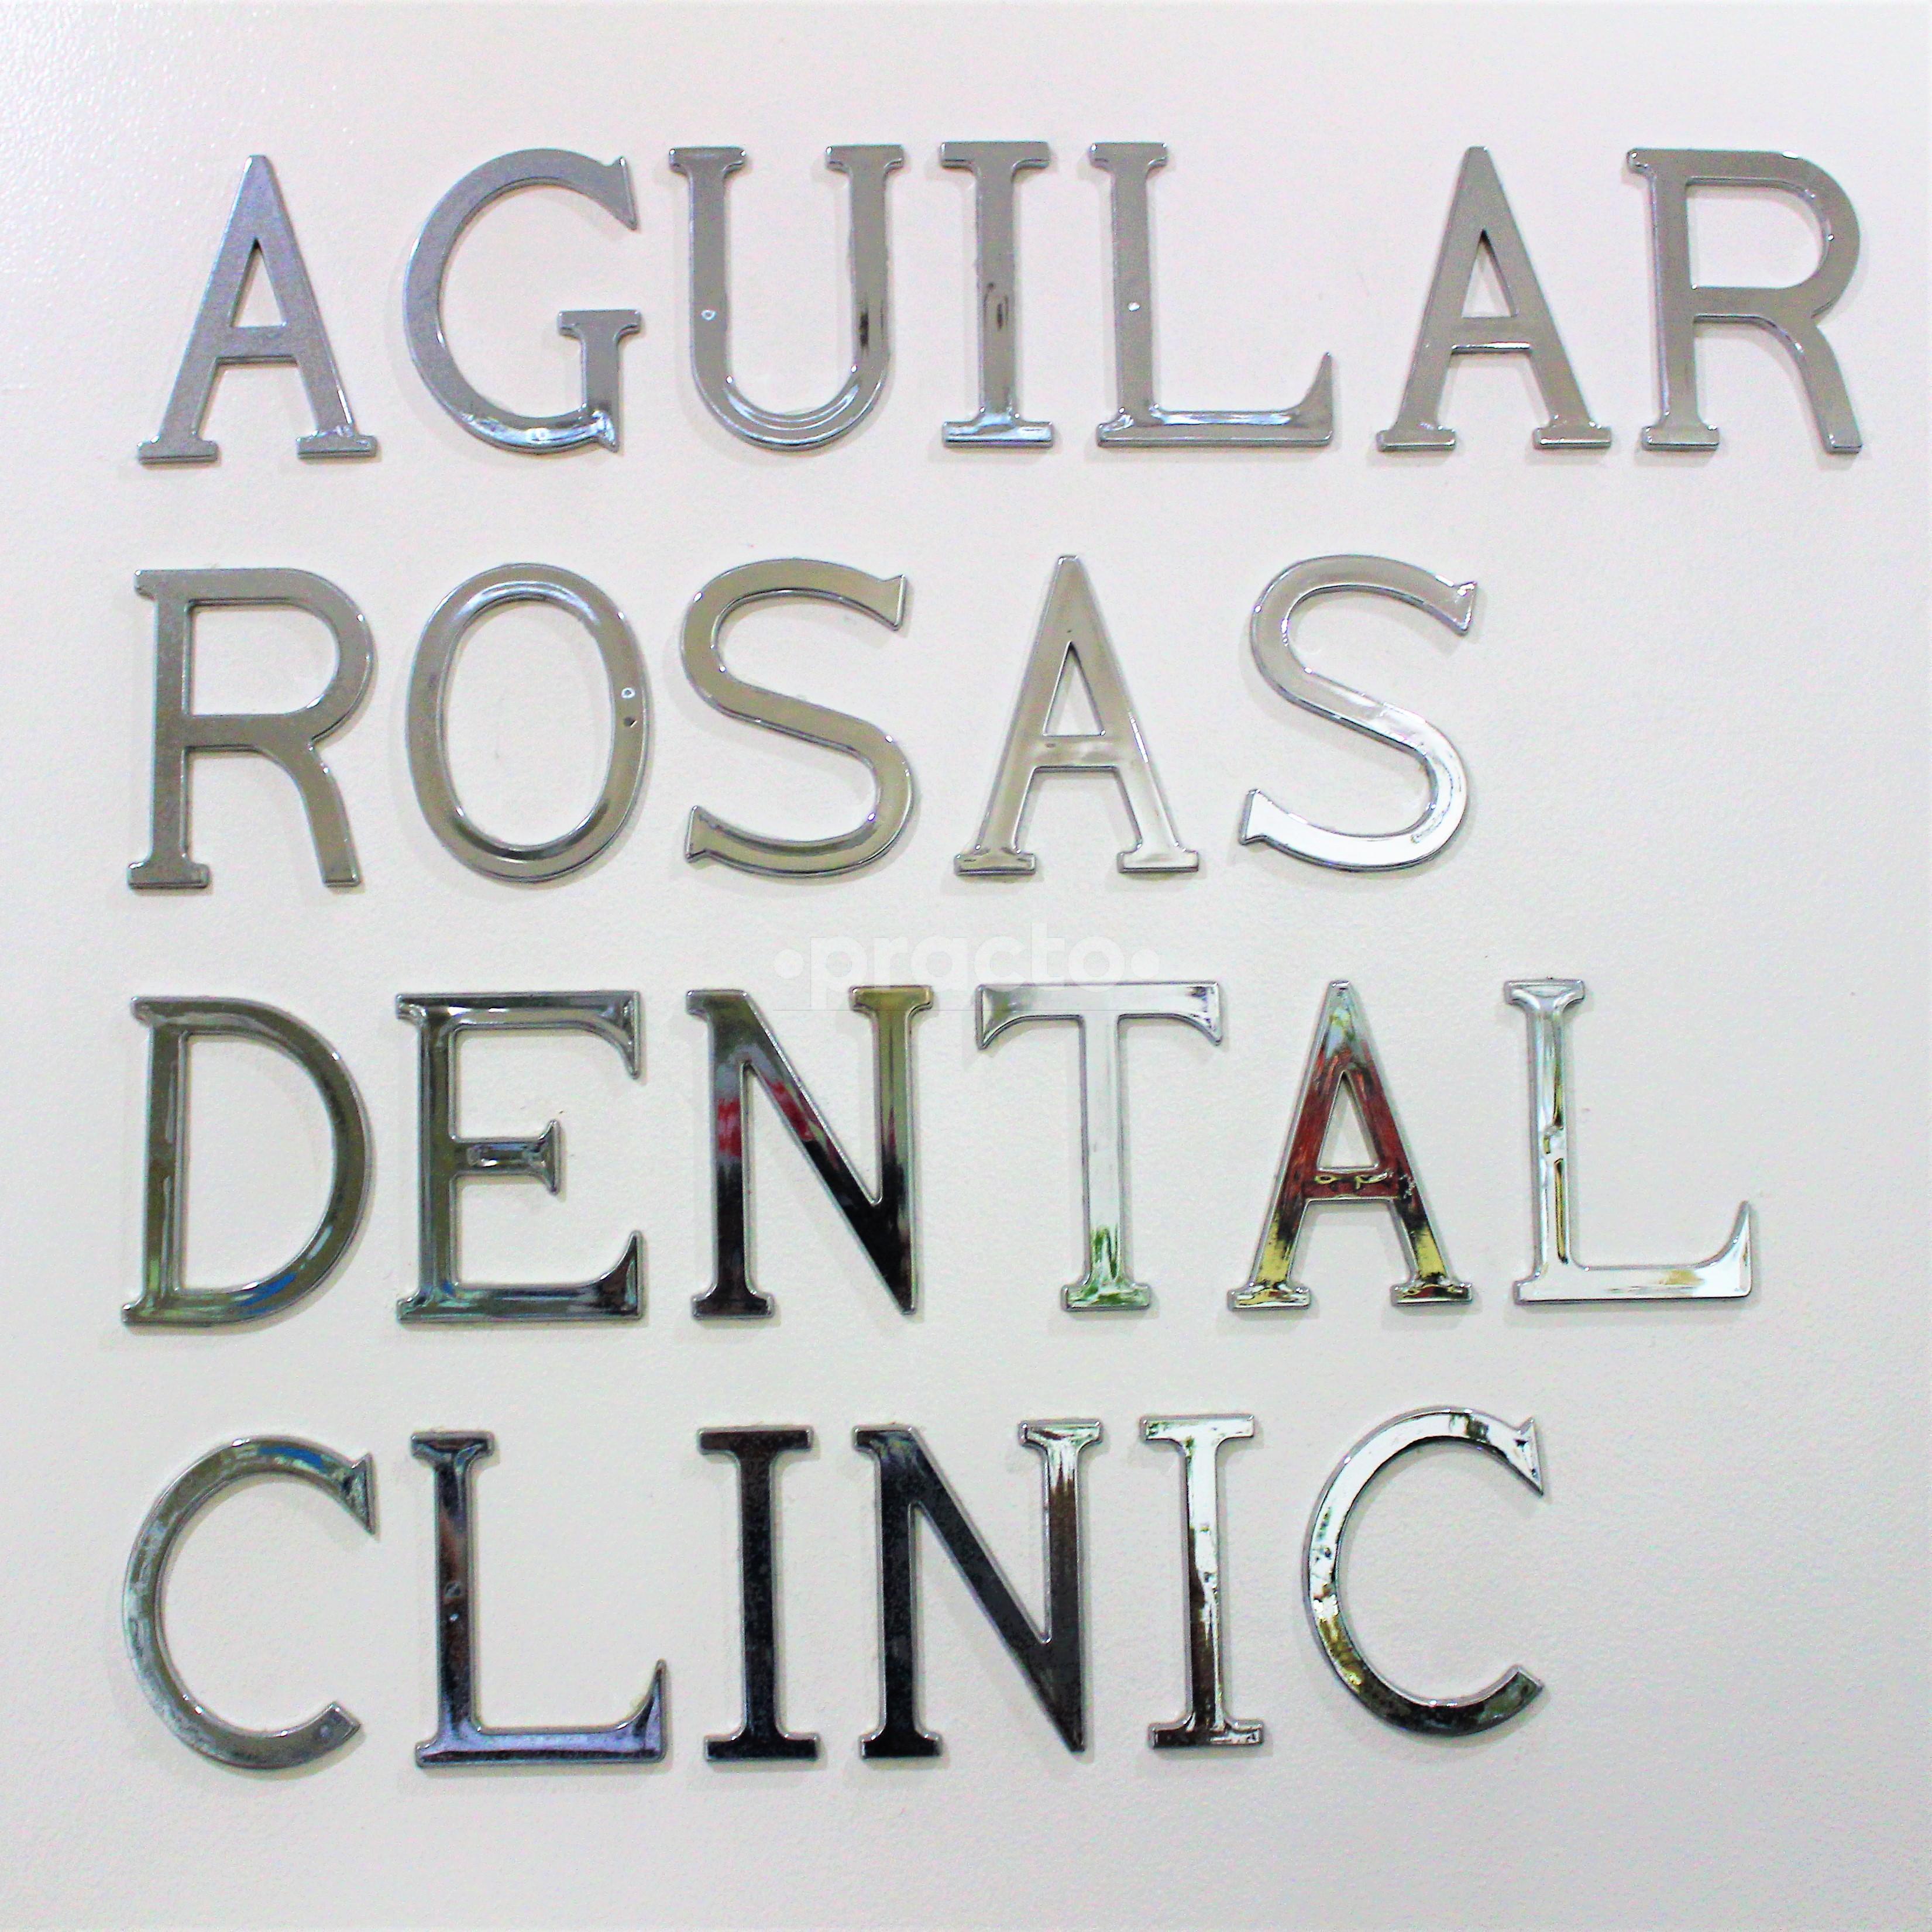 Aguilar-Rosas Dental Clinic